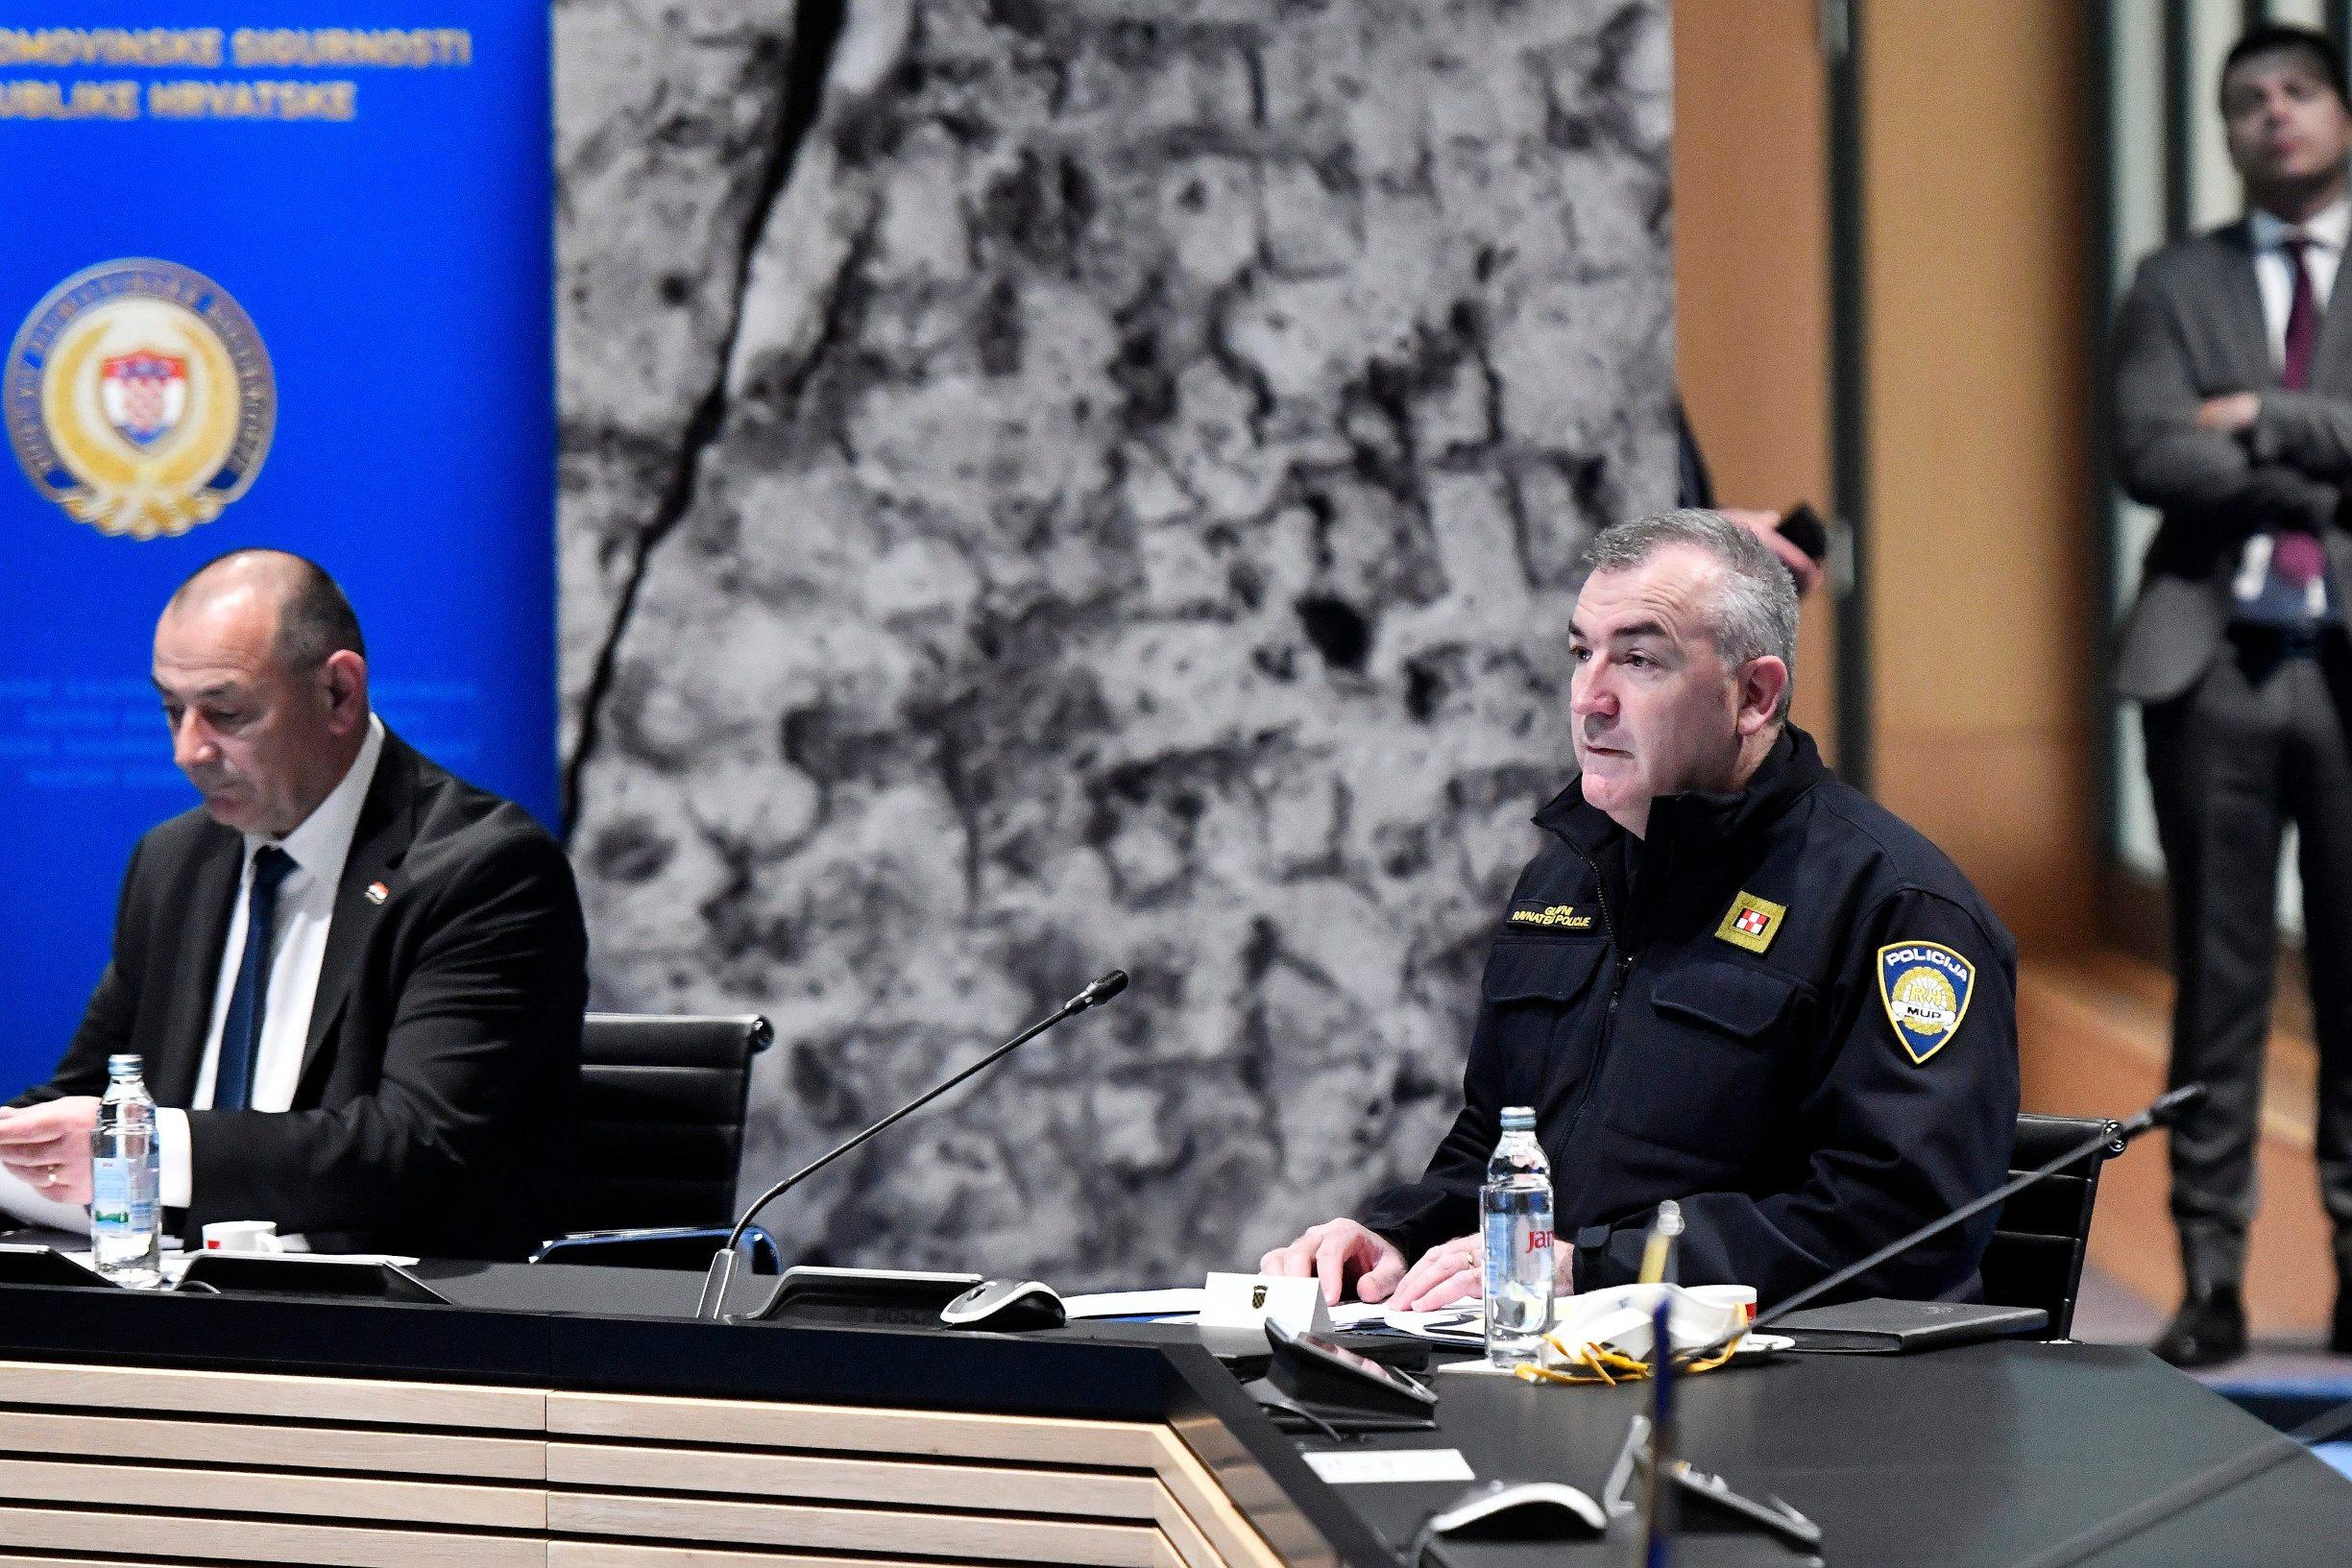 Zagreb, 080420. Sjednica Koordinacije za sustav domovinske sigurnosti u NSK. Na fotografiji: Nikola Milina. Foto: Boris Kovacev / CROPIX